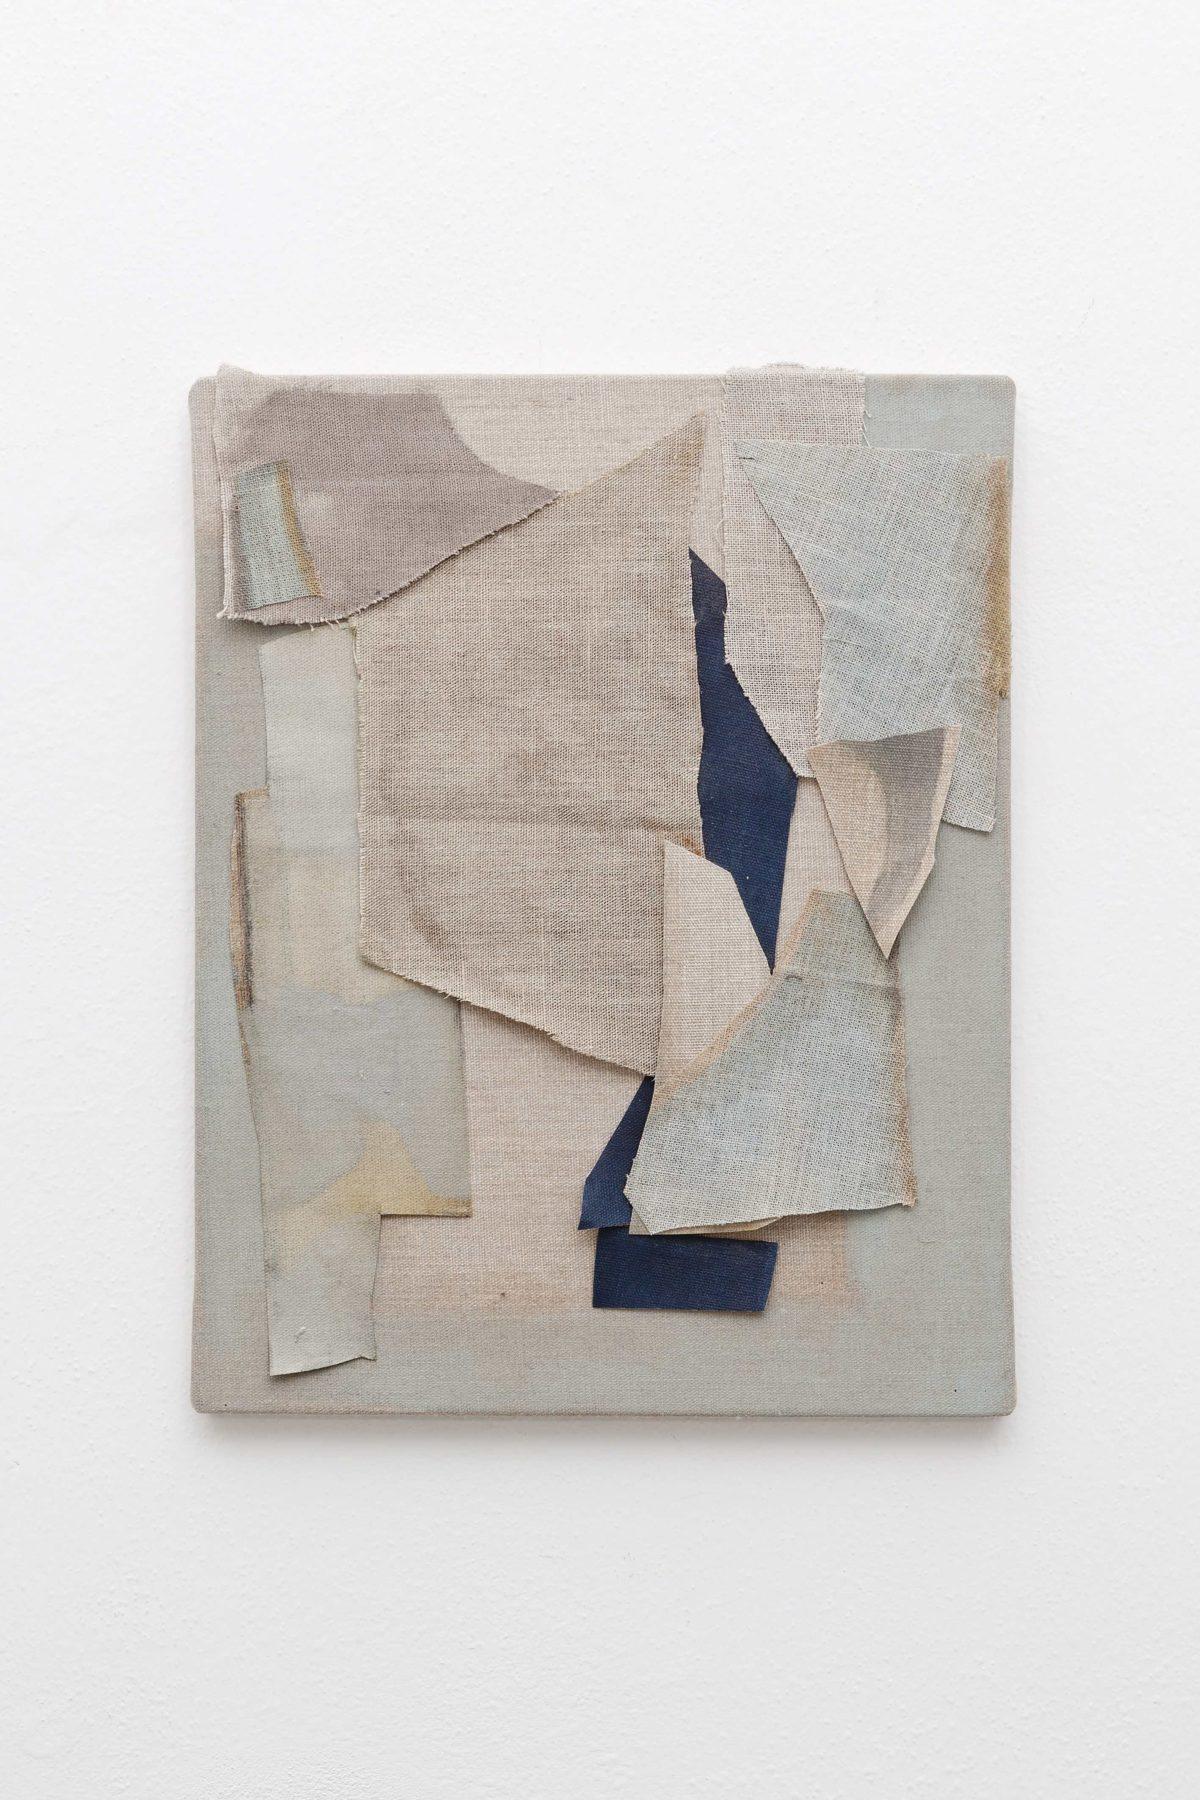 Beatrice Meoni, Apresludes, 2018, tecnica mista collage su tela, cm 40x35